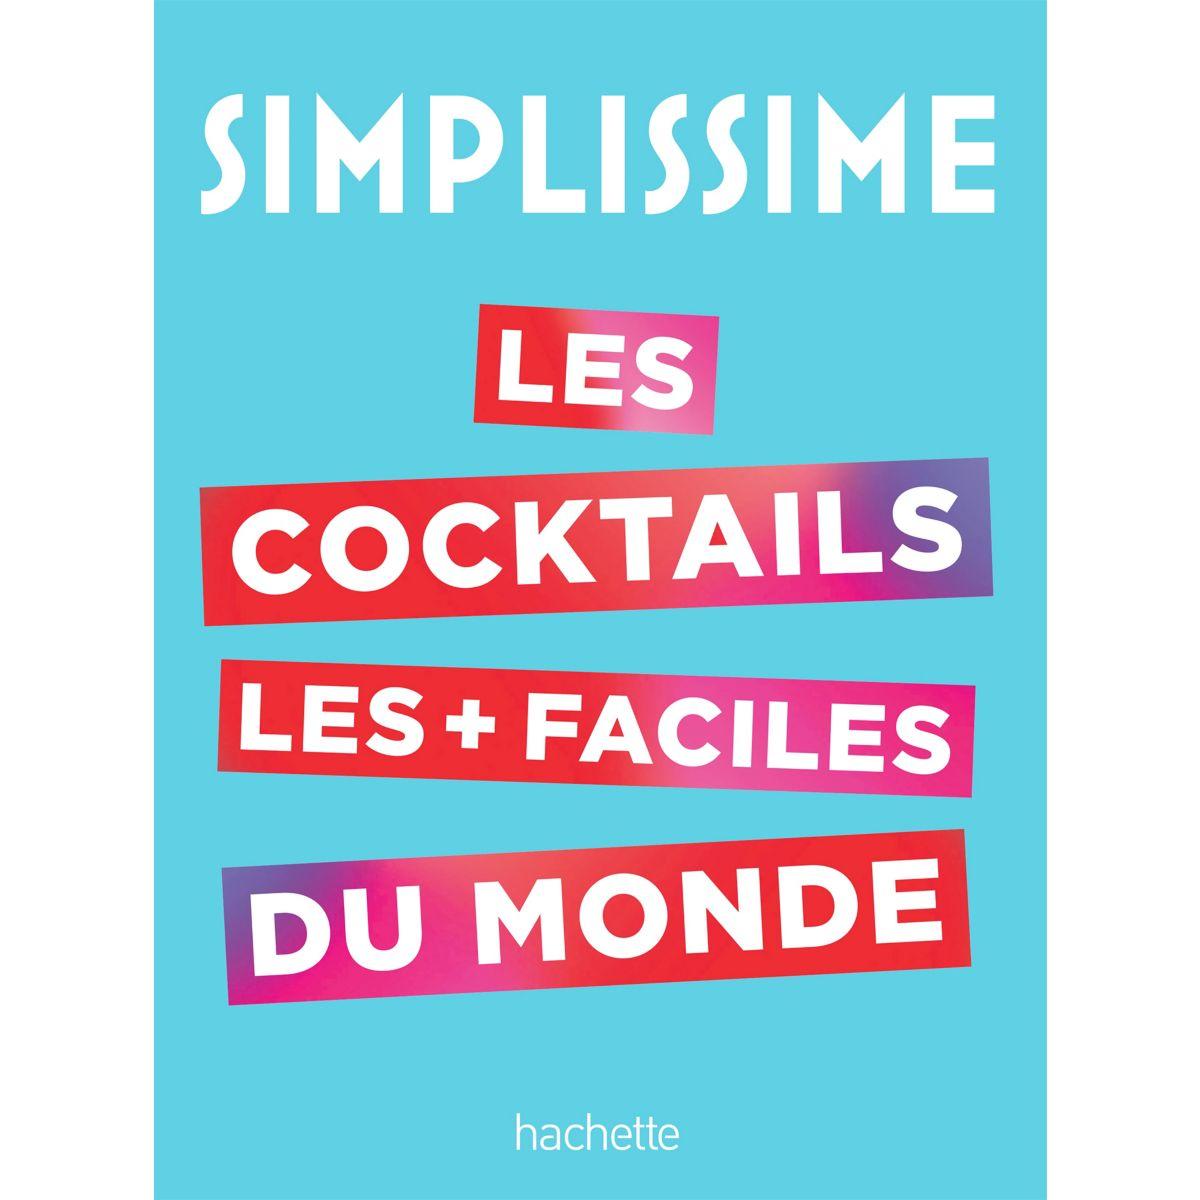 Livre HACHETTE Simplissime Les cocktails (photo)